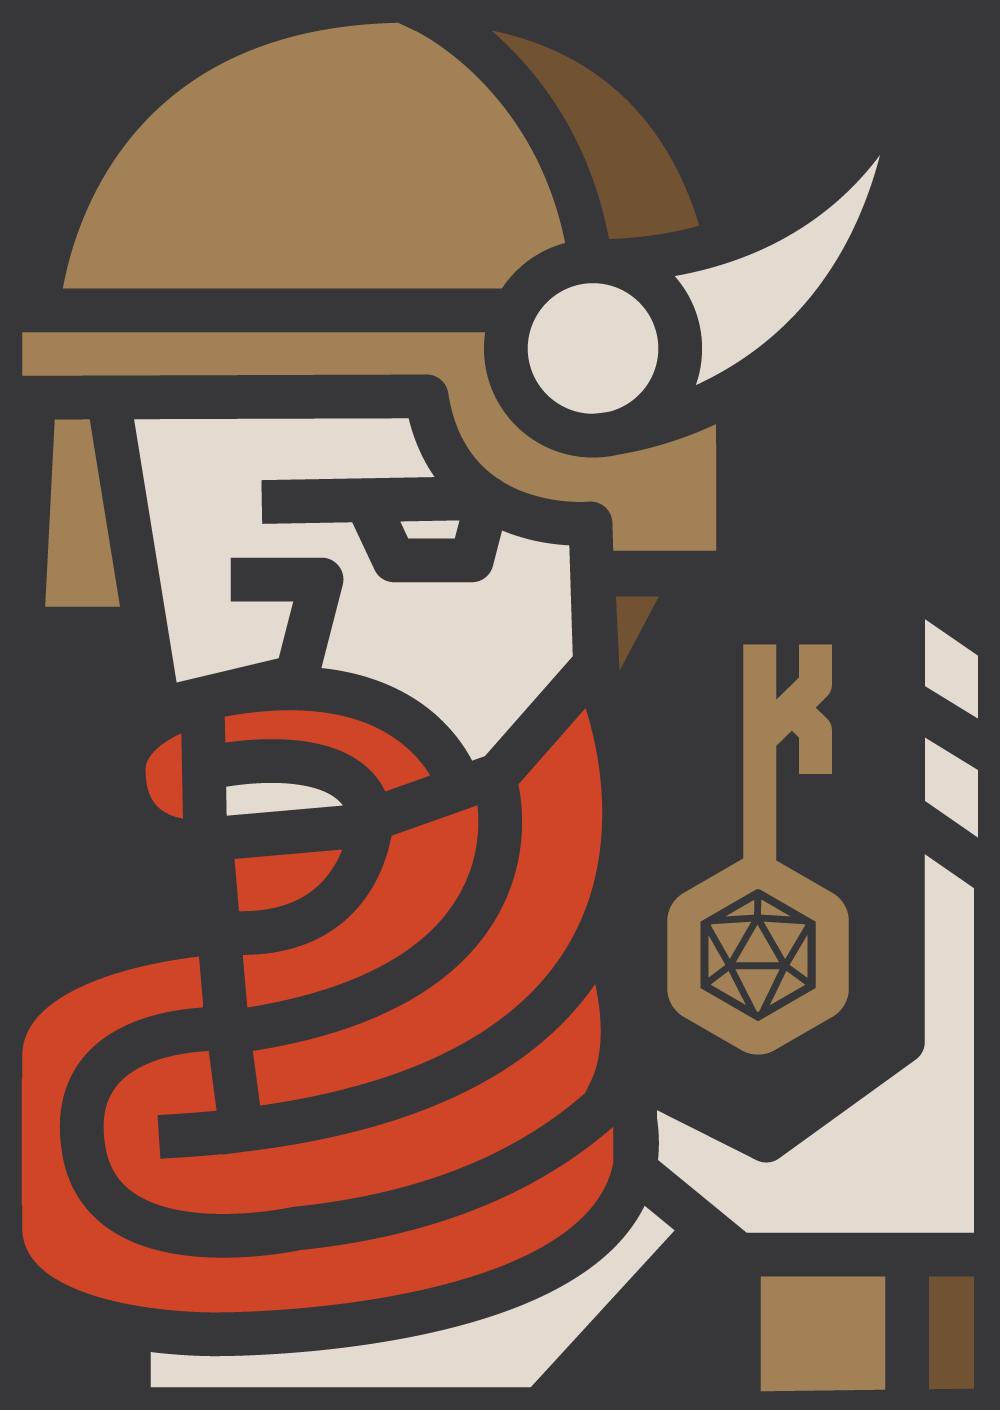 Keymaster games logo